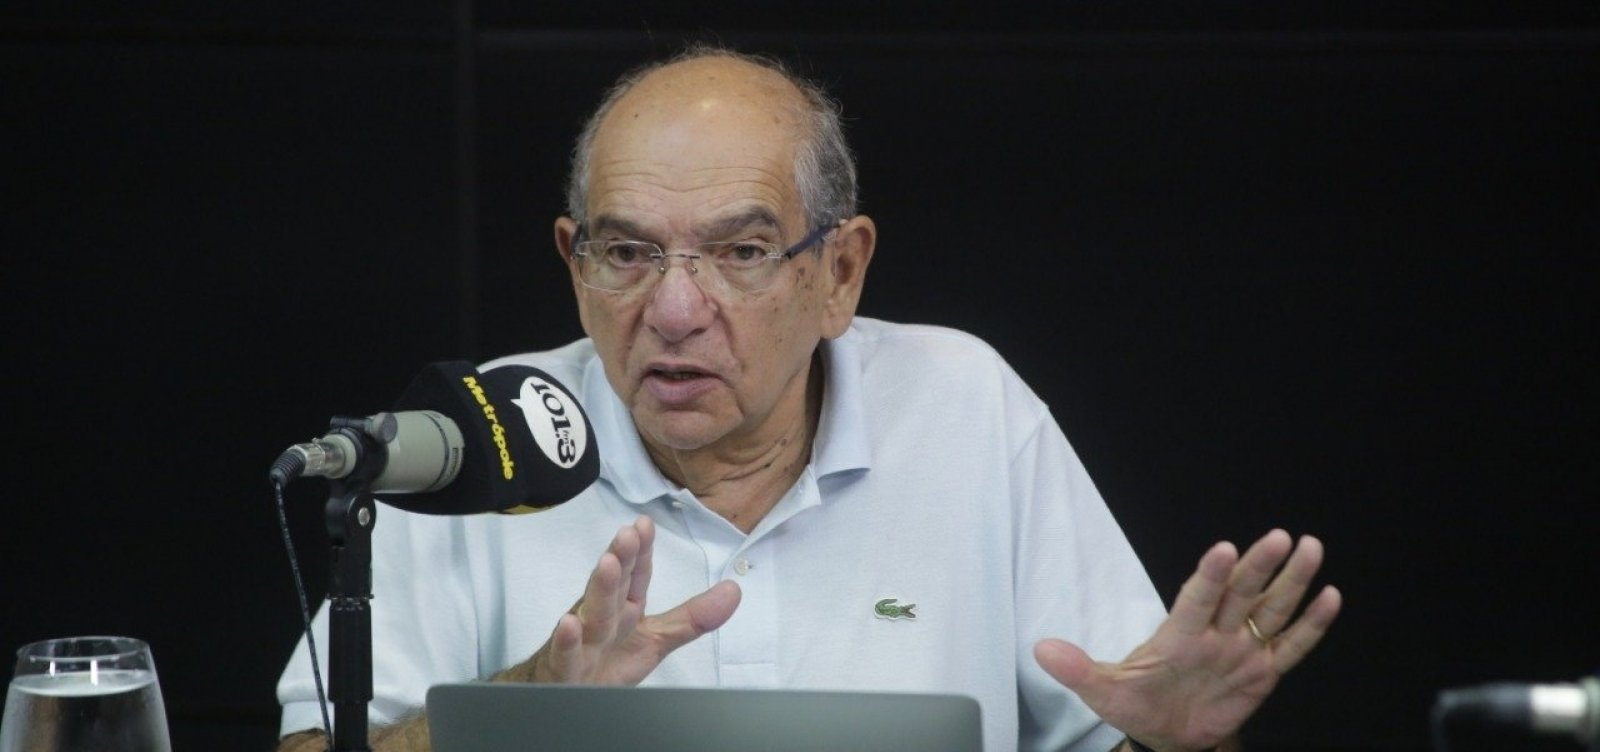 [MK elogia 'fase mais calma' de Bolsonaro: 'Não precisamos de mais crise'; ouça]